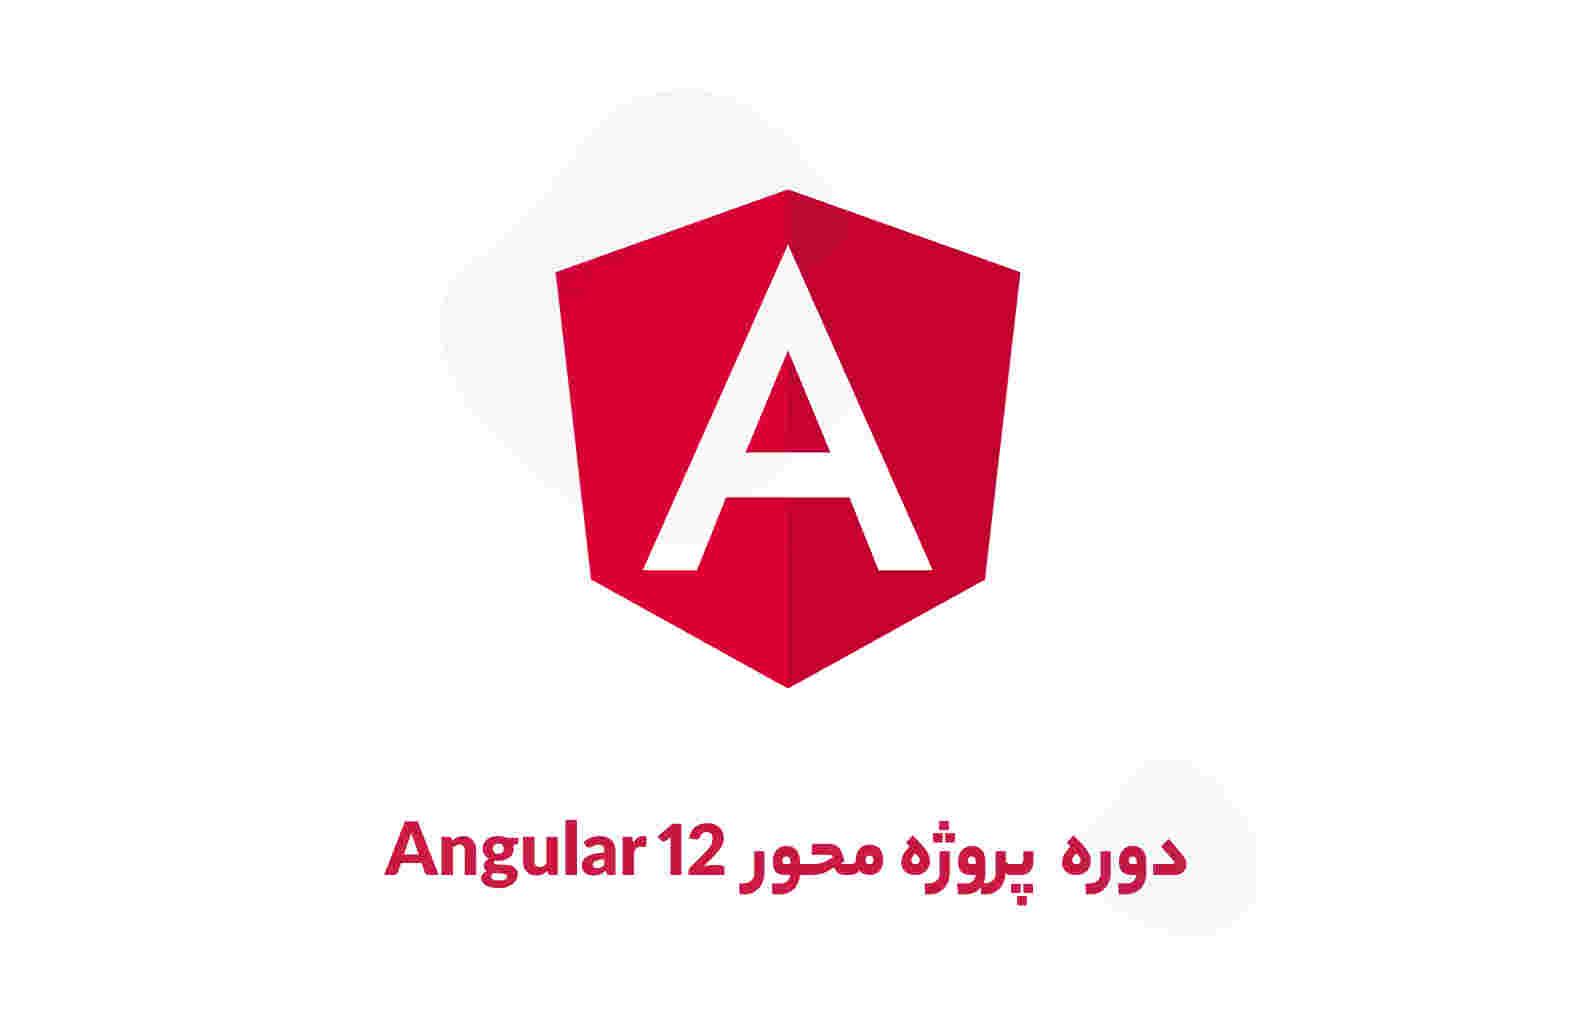 دوره جامع آموزش انگولار Angular 12 به صورت پروژه محور